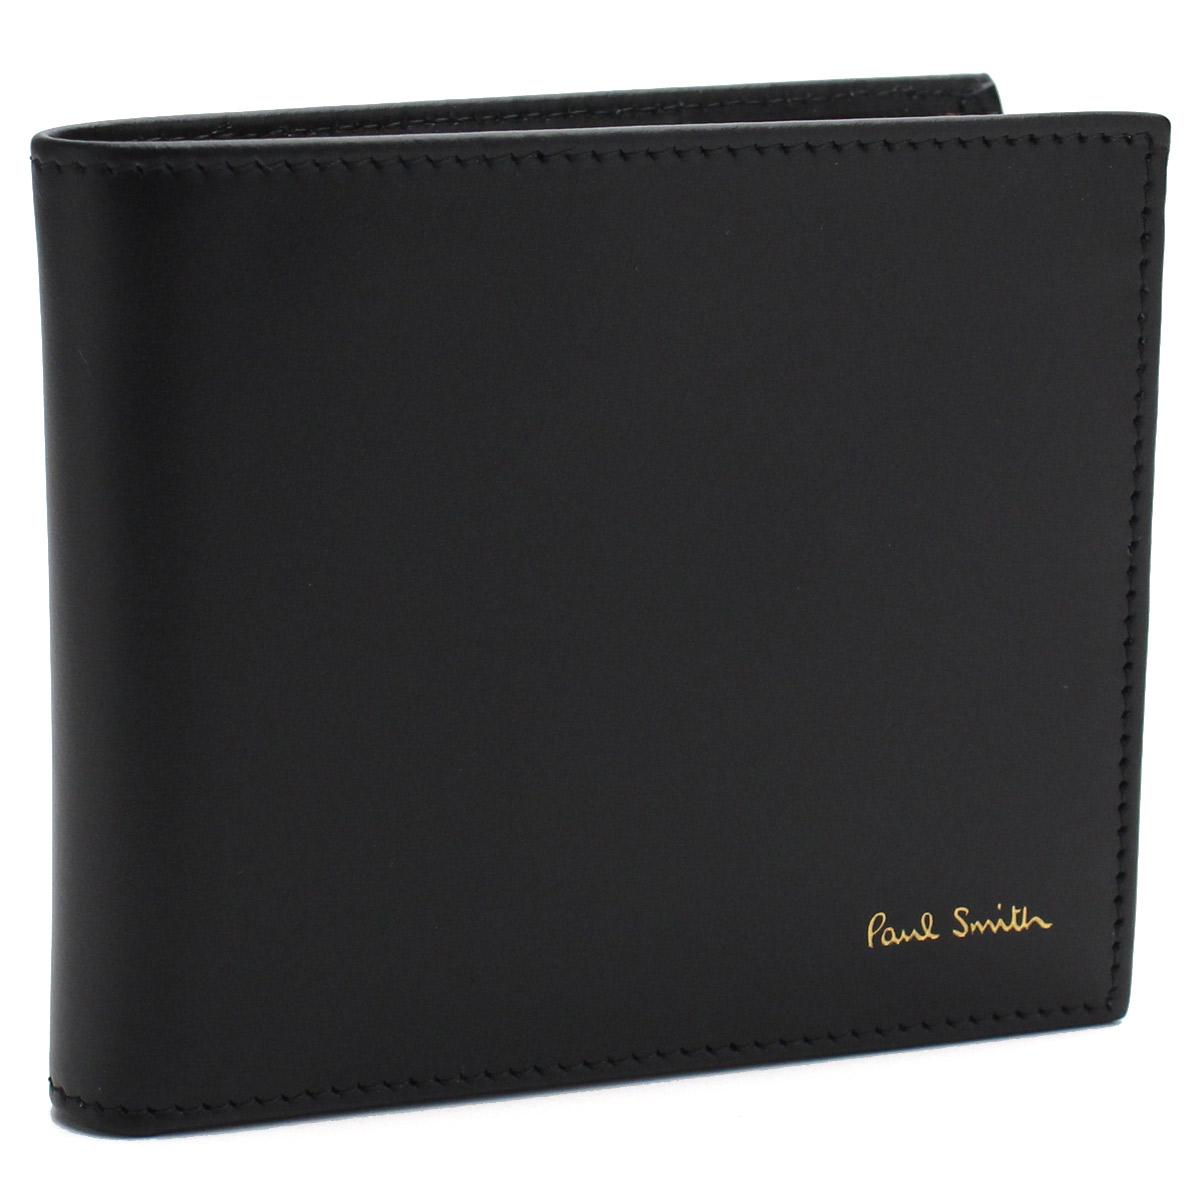 ポール スミス Paul Smith 財布 内側マルチストライプ 2つ折り財布 小銭入れ付き AUPC4833 W761A 79 ブラック メンズ